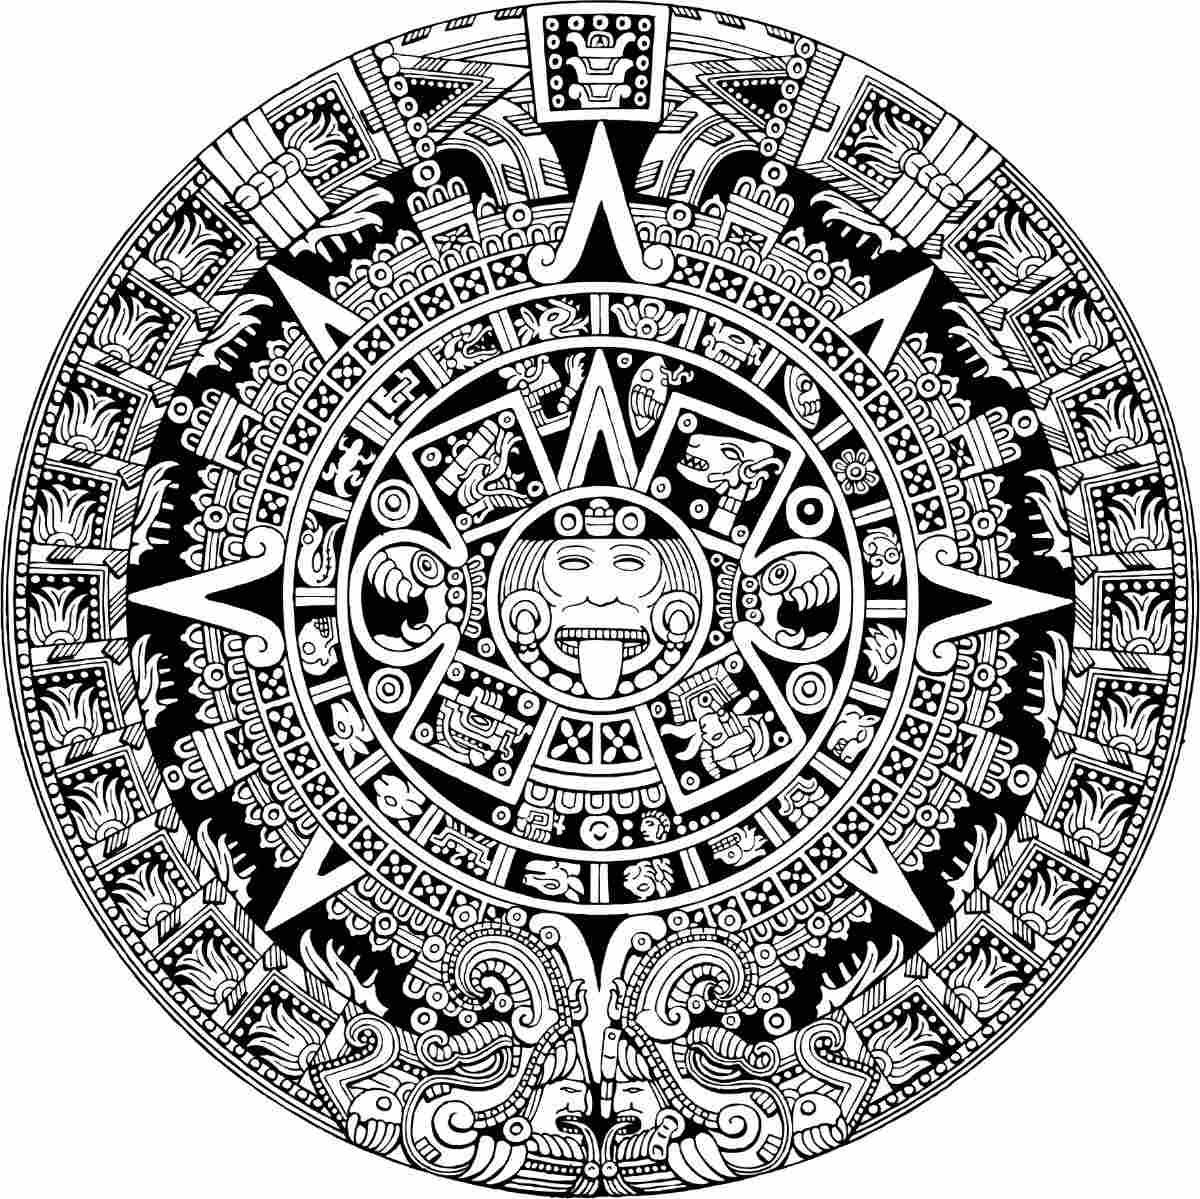 Calendario Azteca Vectores.Vector Maya Vector Azteca Calendario Vectores Corte Vinil